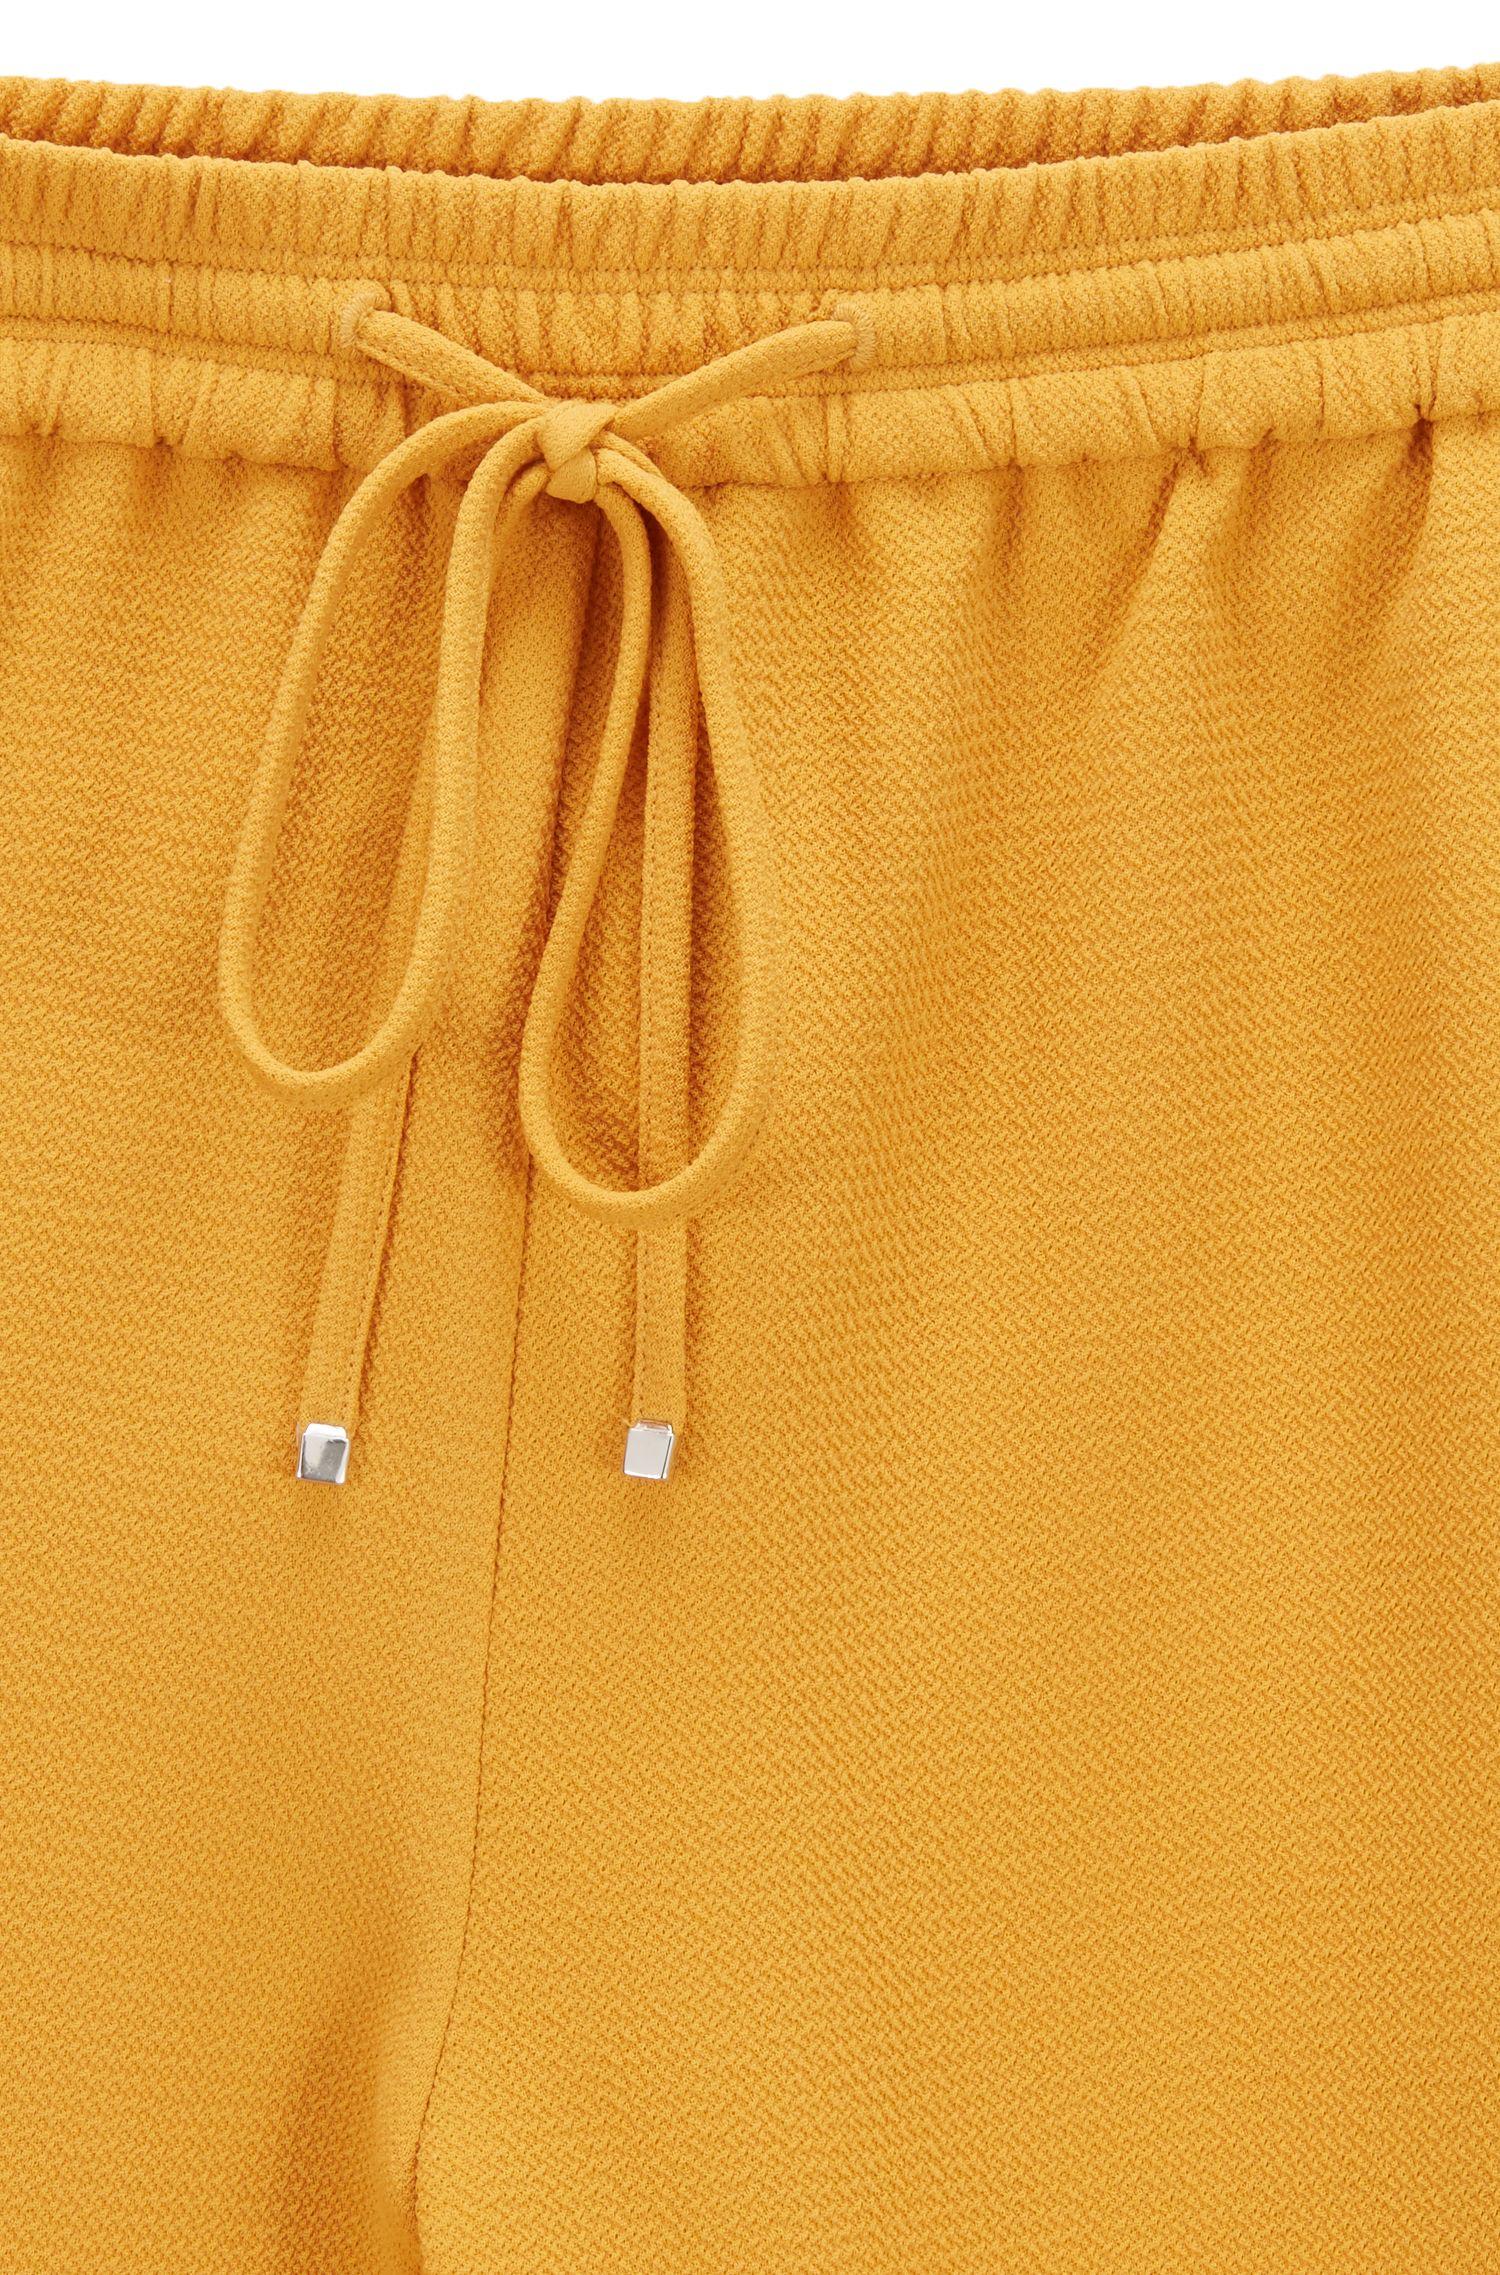 Regular-fit crêpebroek met biezen aan de zijnaden, goud